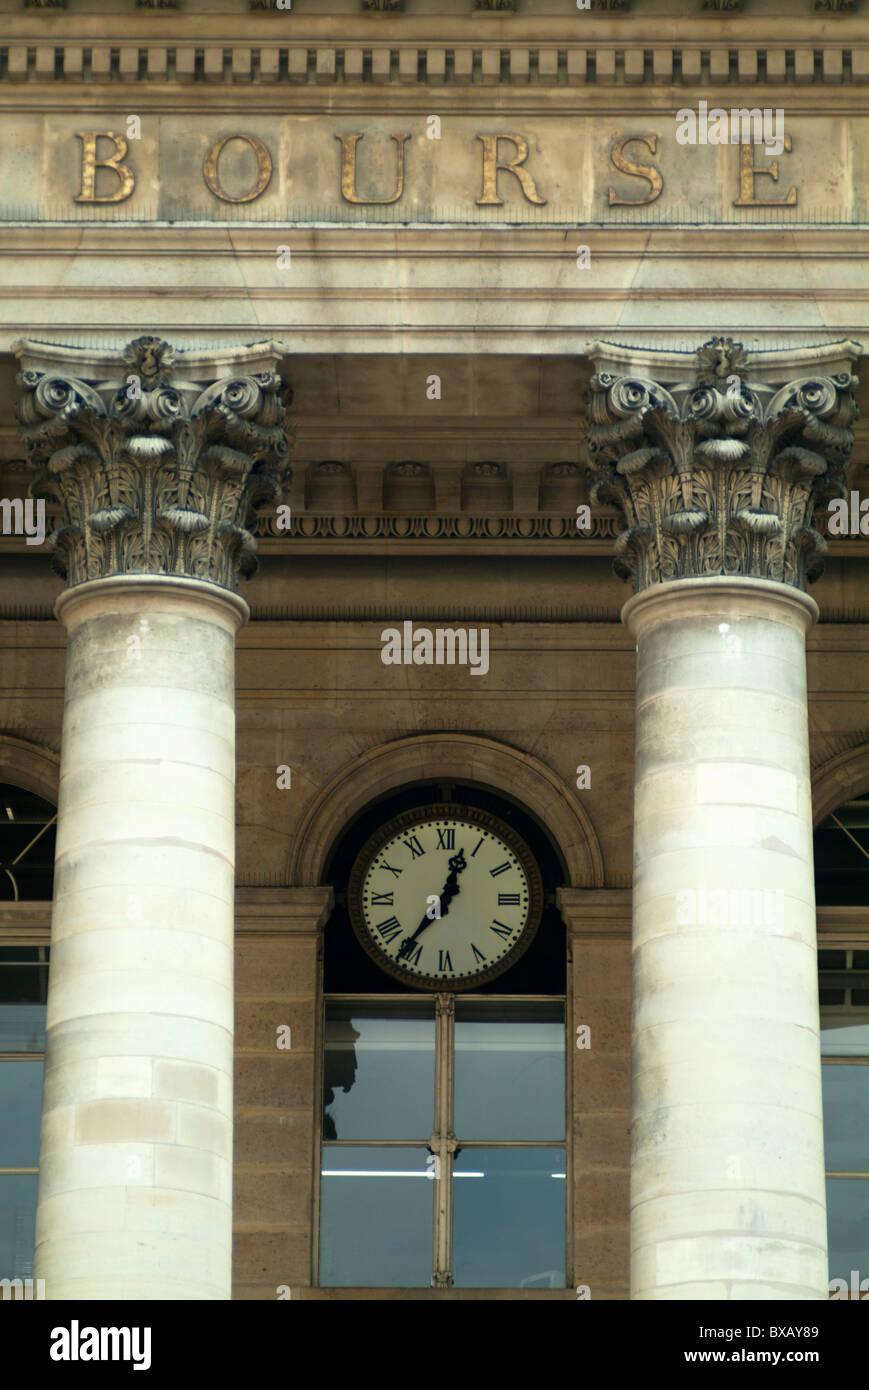 Windows Bolsa Exterior En Y Ornamentadas Columnas Parte De La rBExQdoeCW